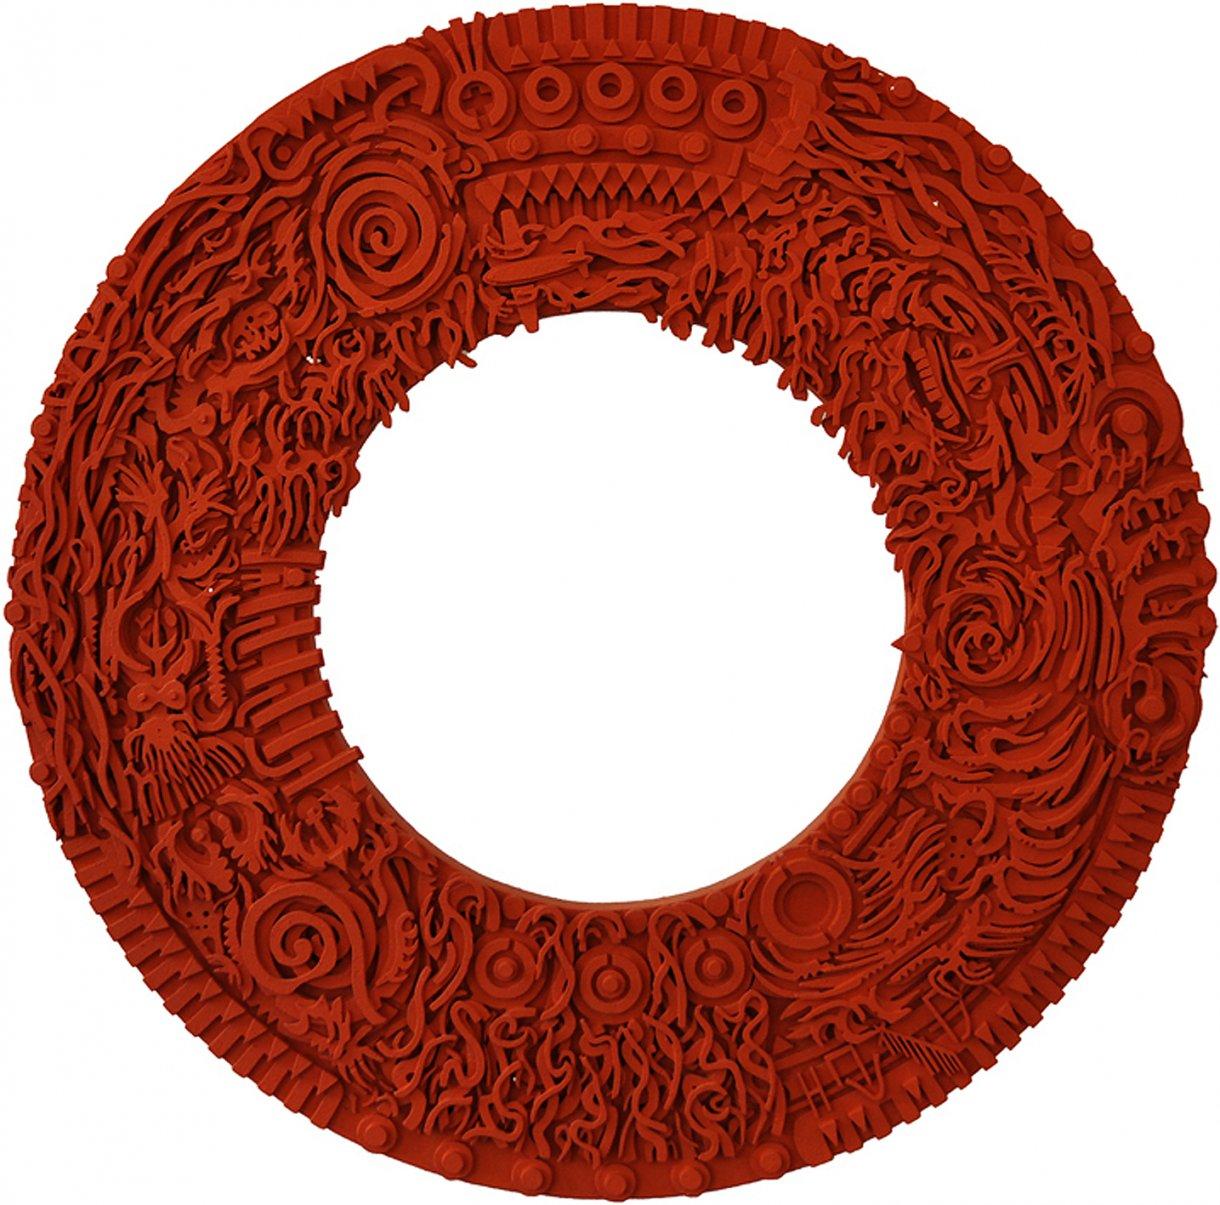 La rueda roja (2013) - Nacho Angulo